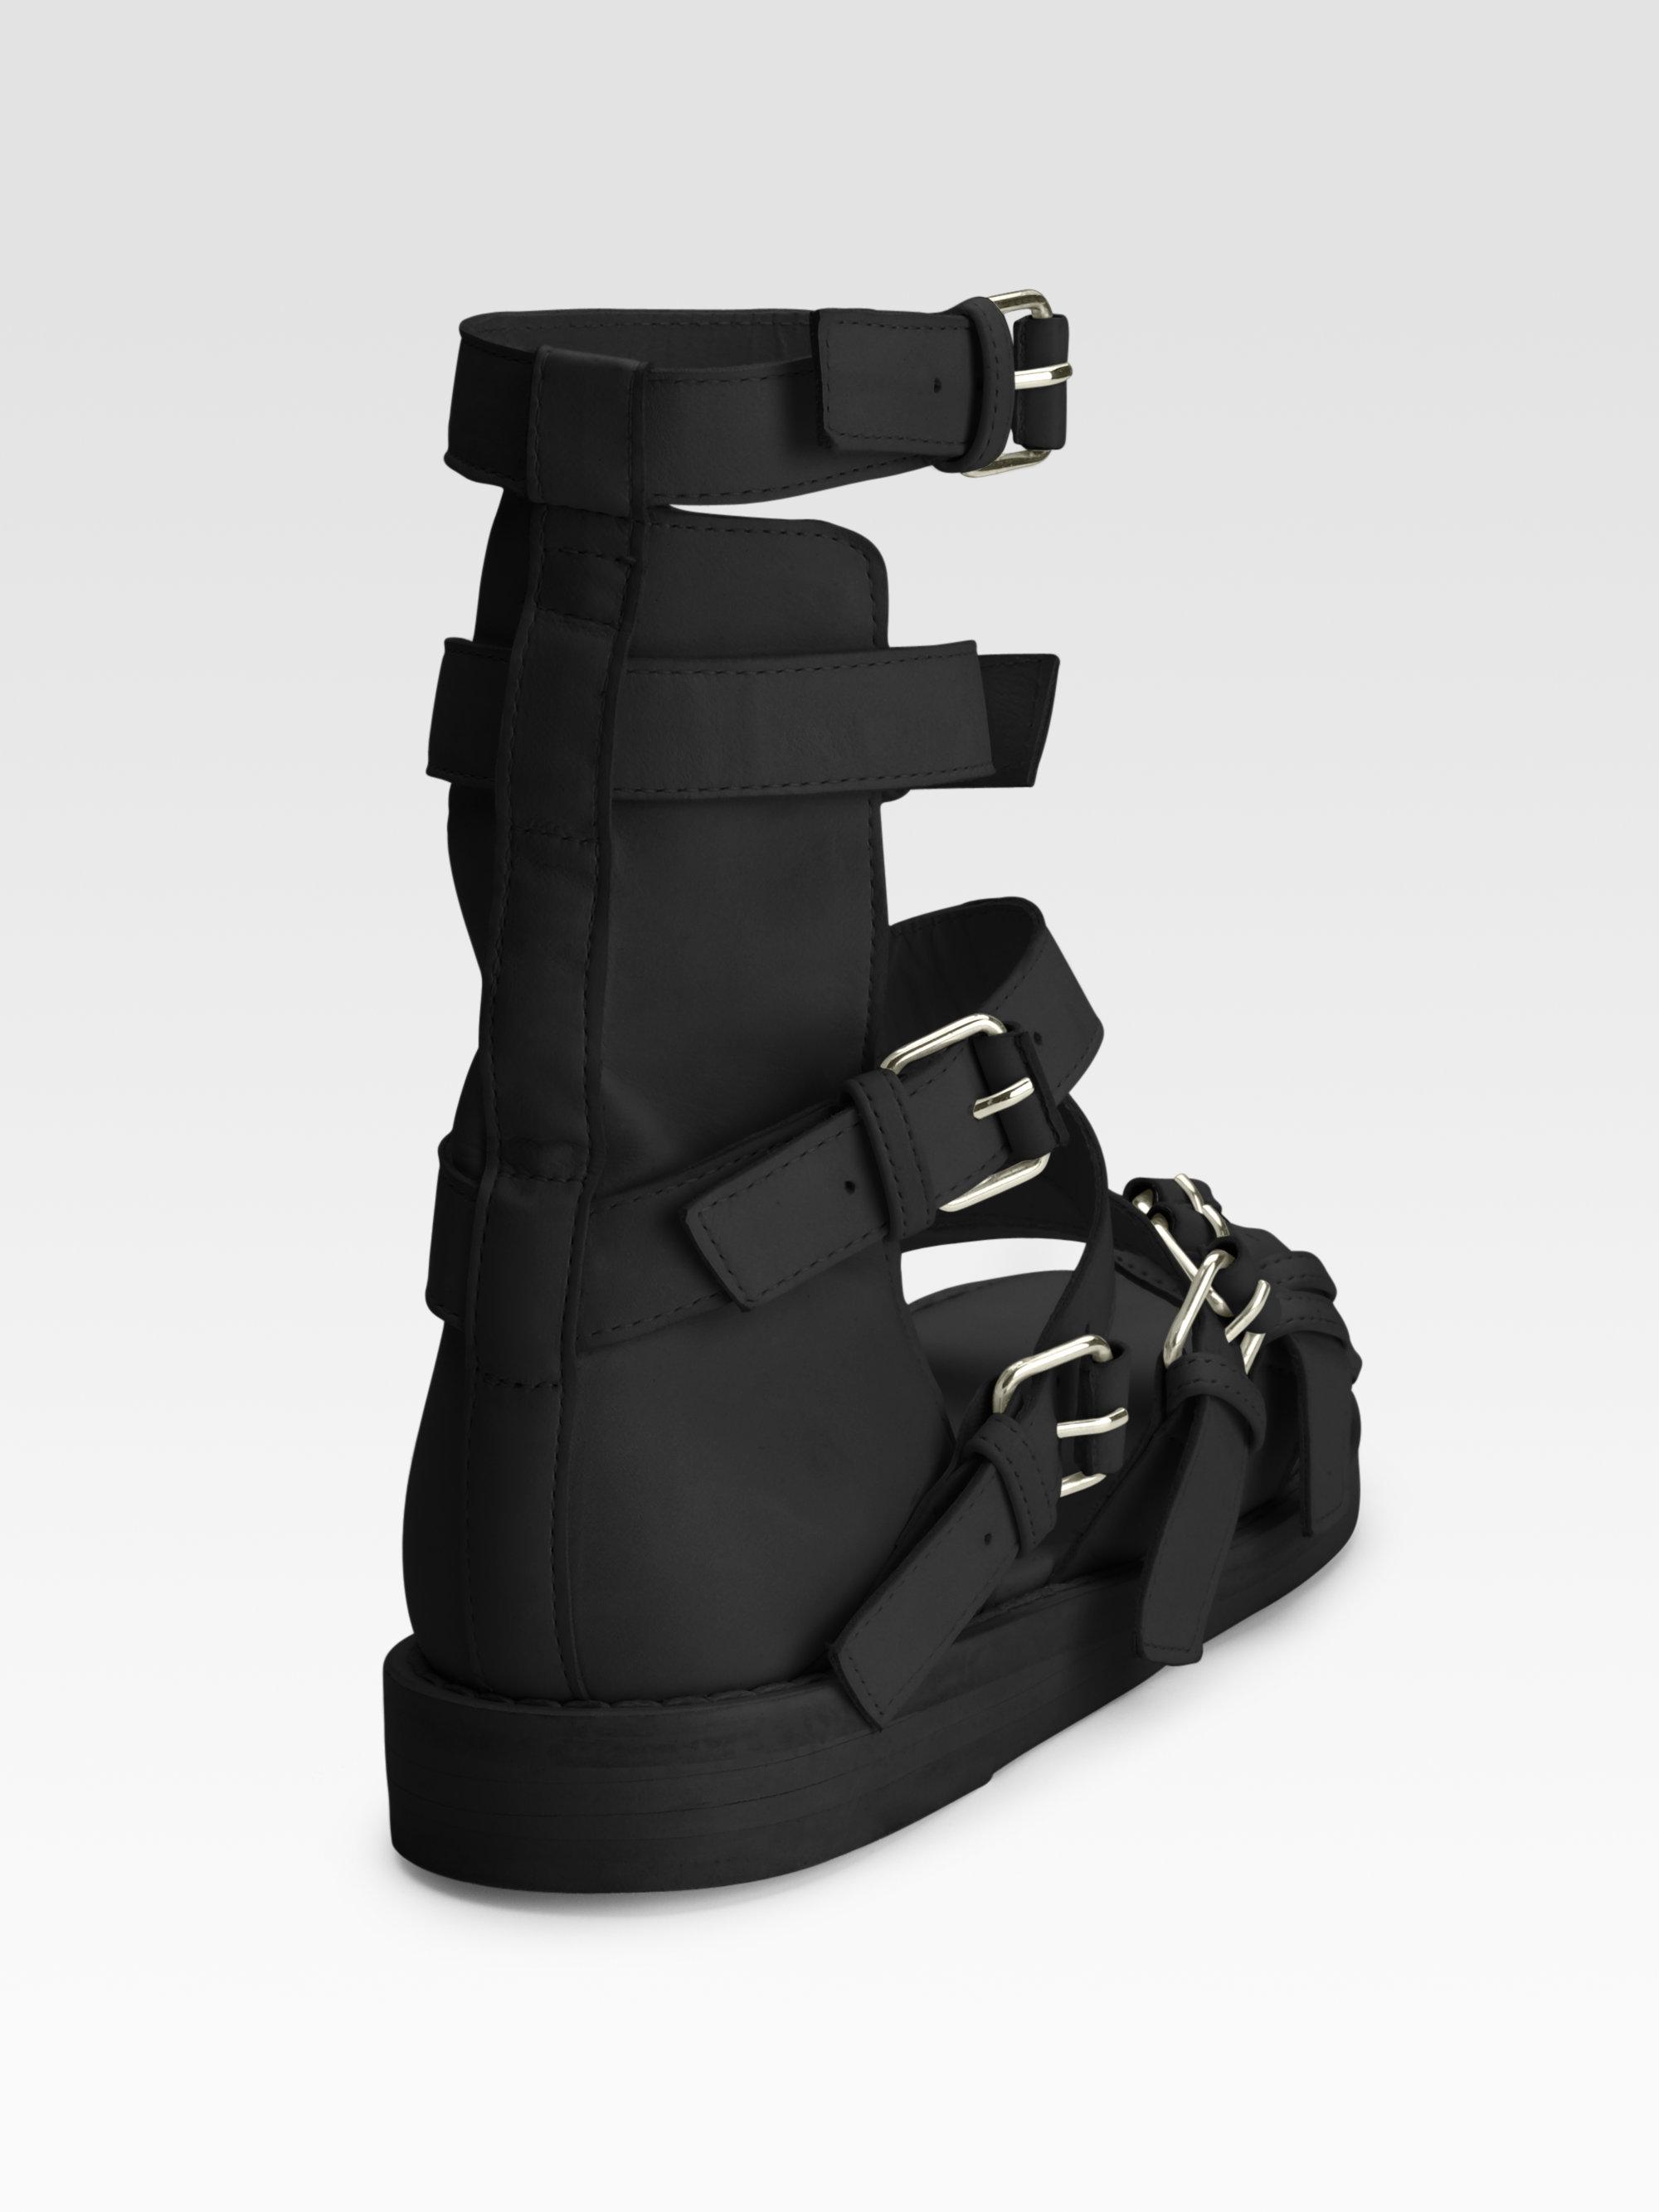 ANN DEMEULEMEESTER Gladiator sandals bSQZTWvV4